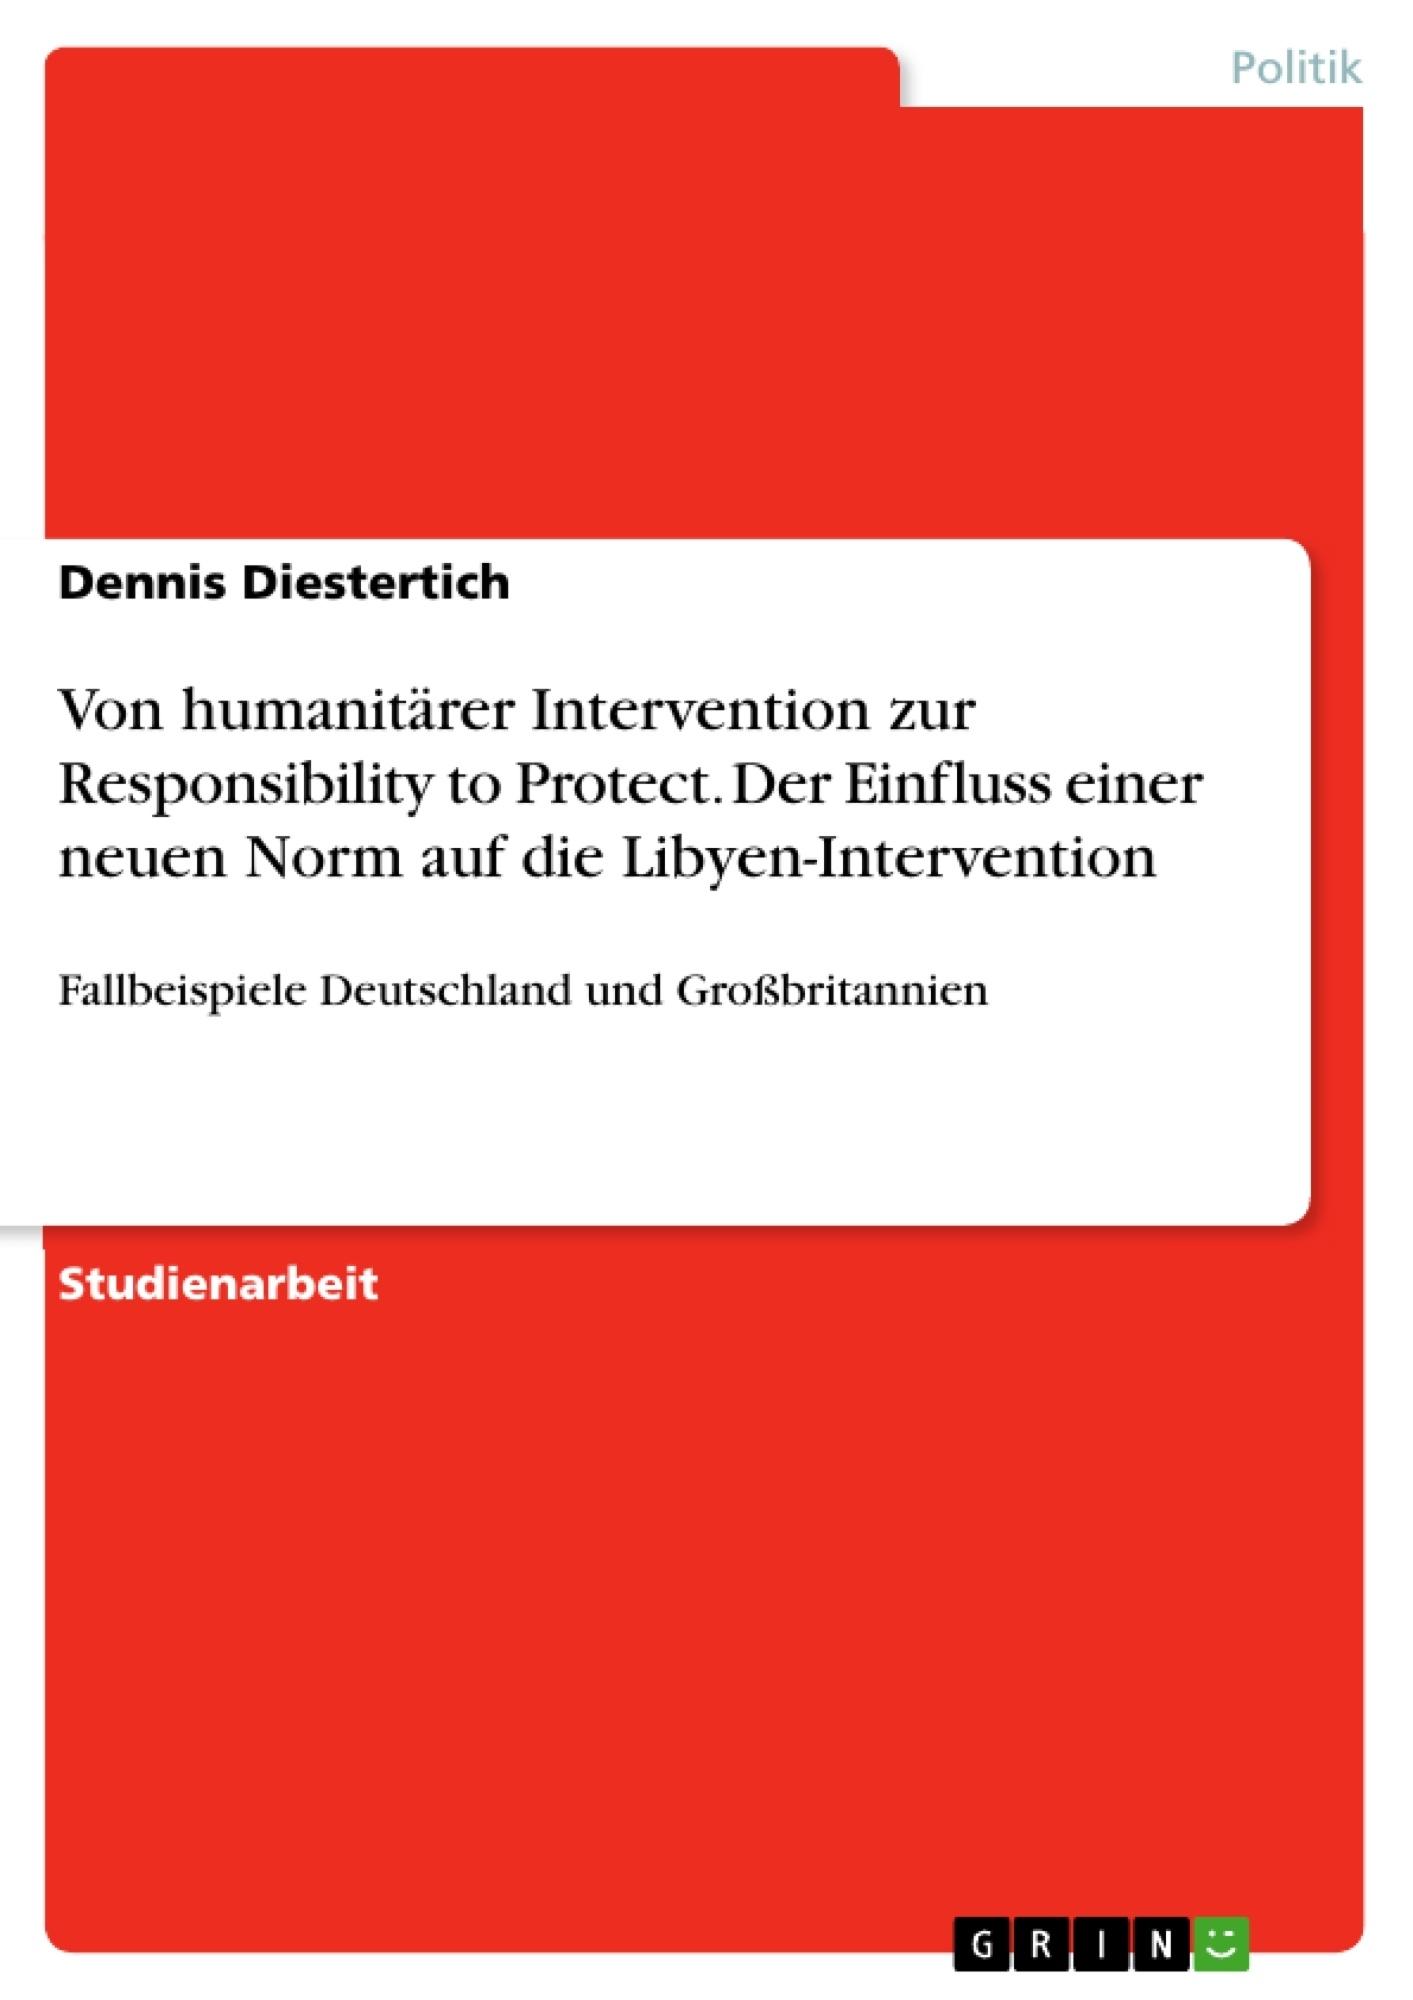 Titel: Von humanitärer Intervention zur Responsibility to Protect. Der Einfluss einer neuen Norm auf die Libyen-Intervention